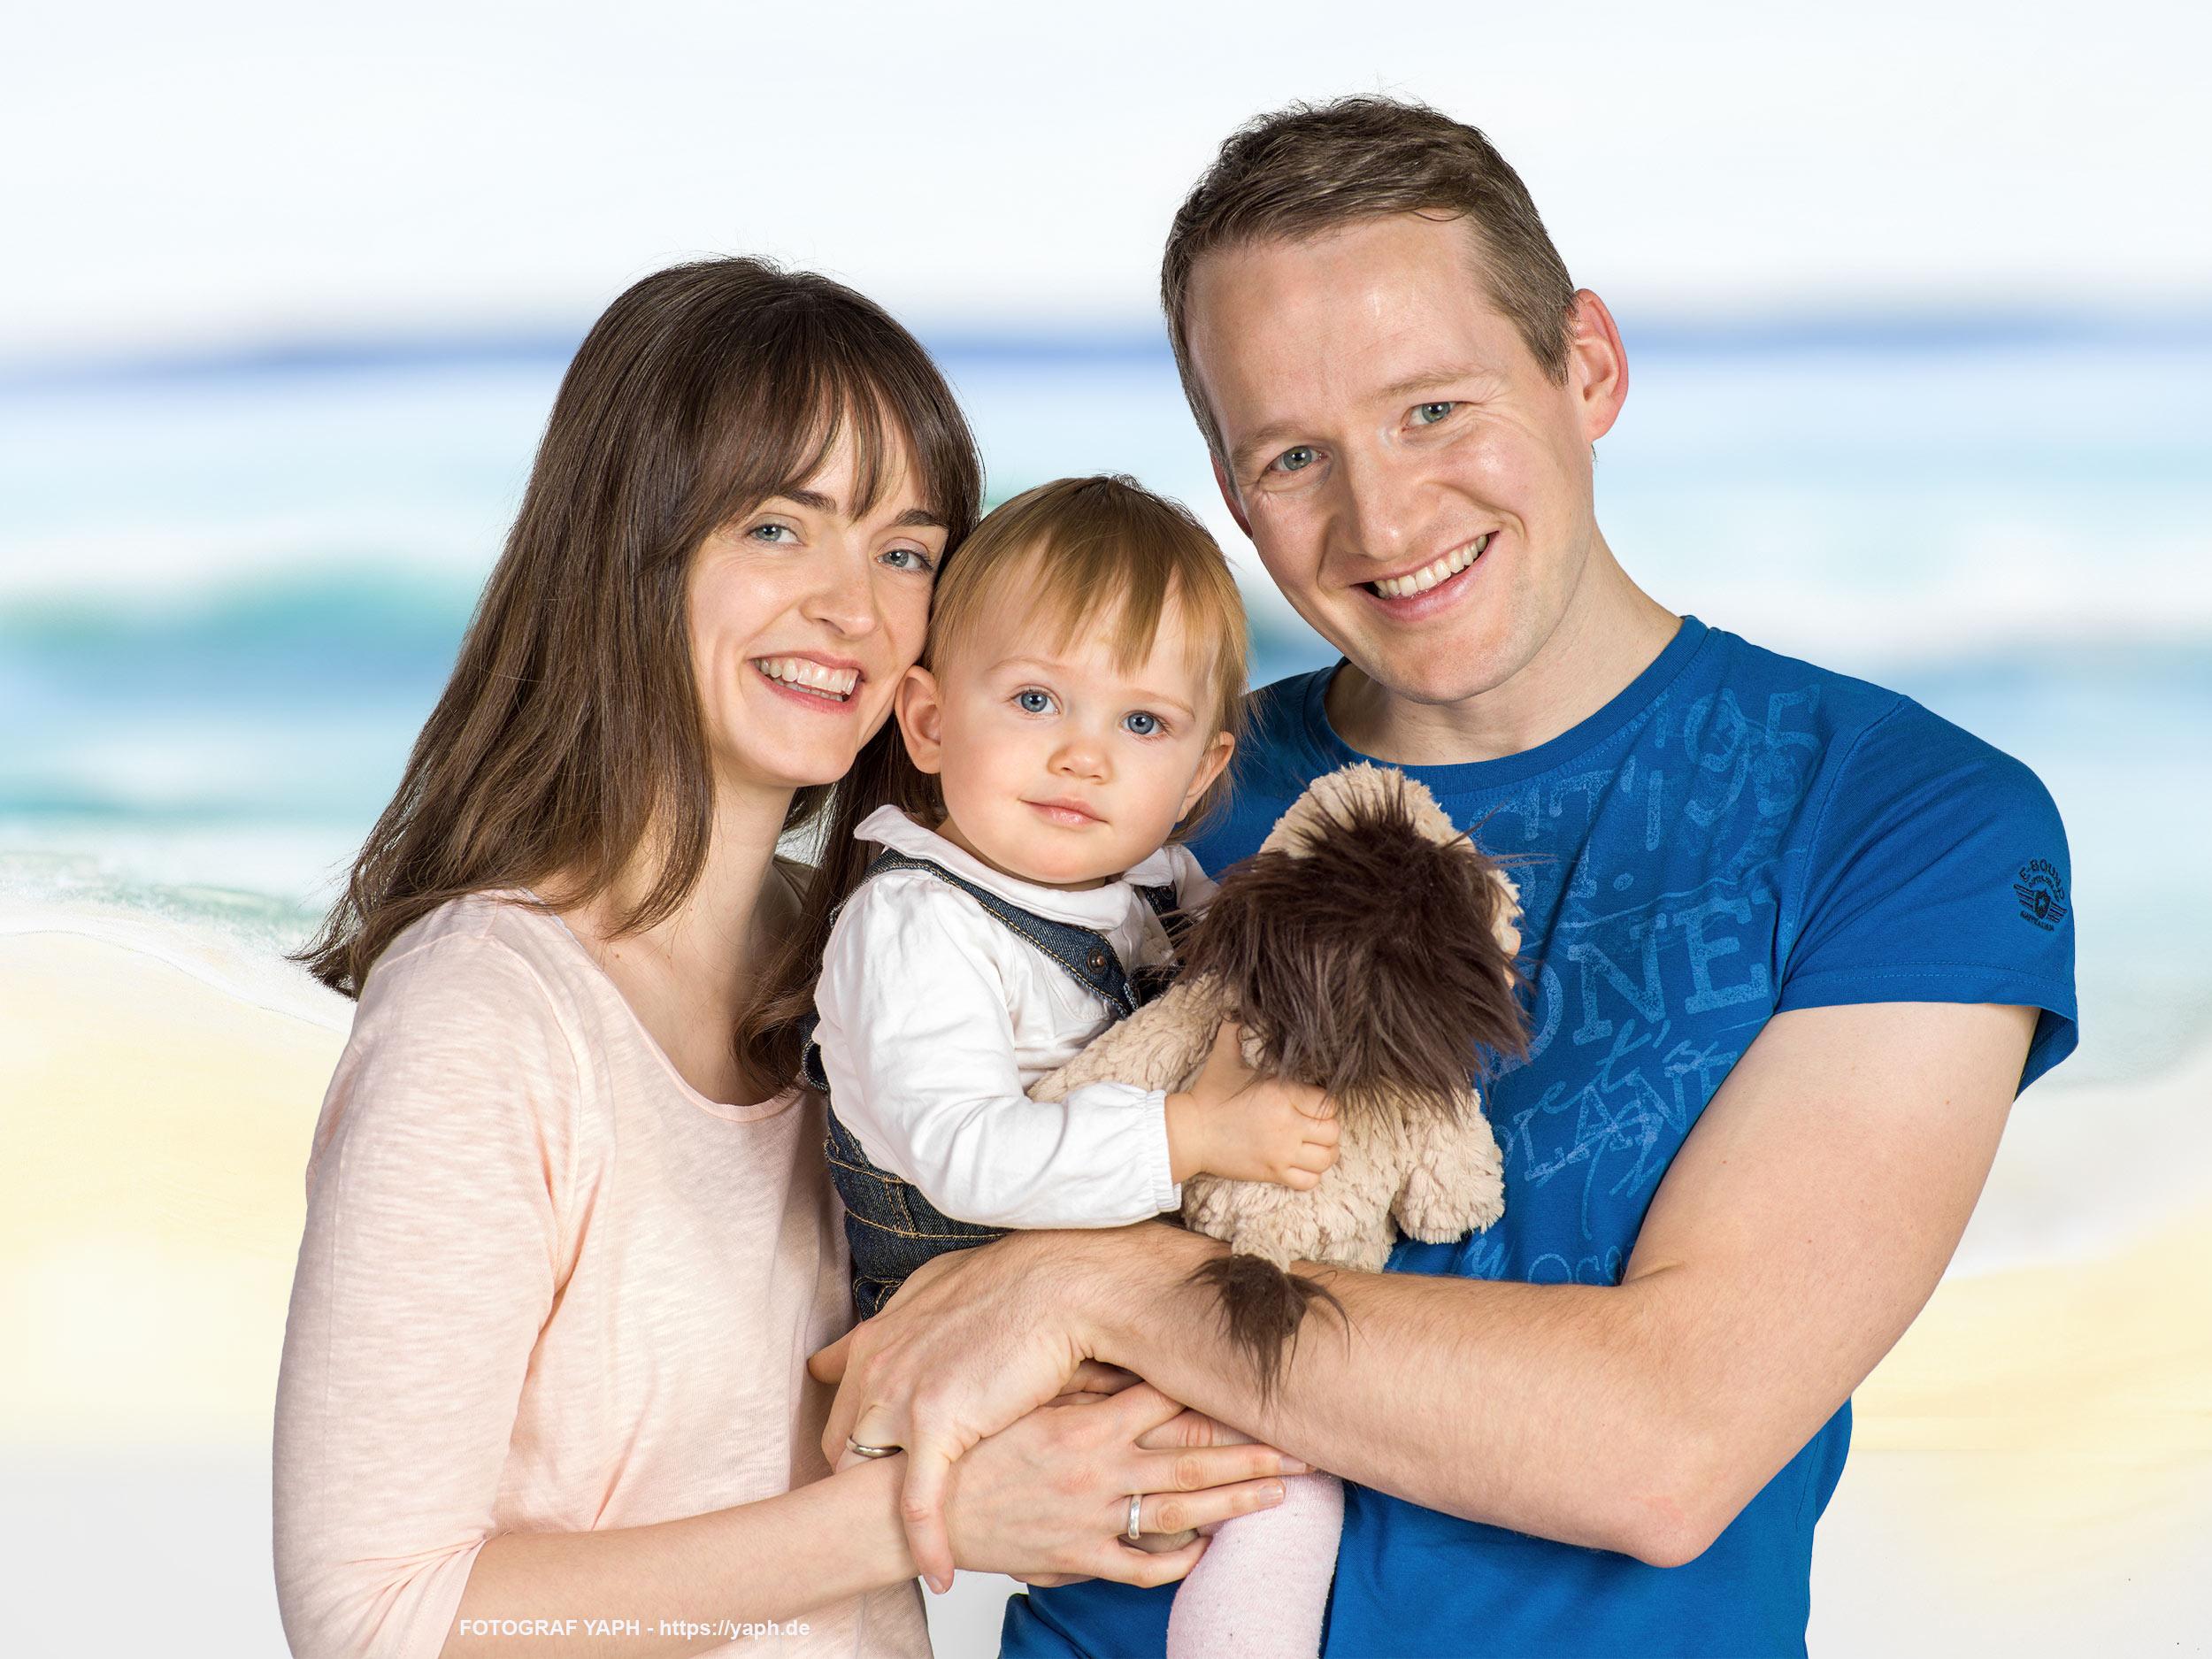 Familienfotos von Leonie bei Fotograf Yaph